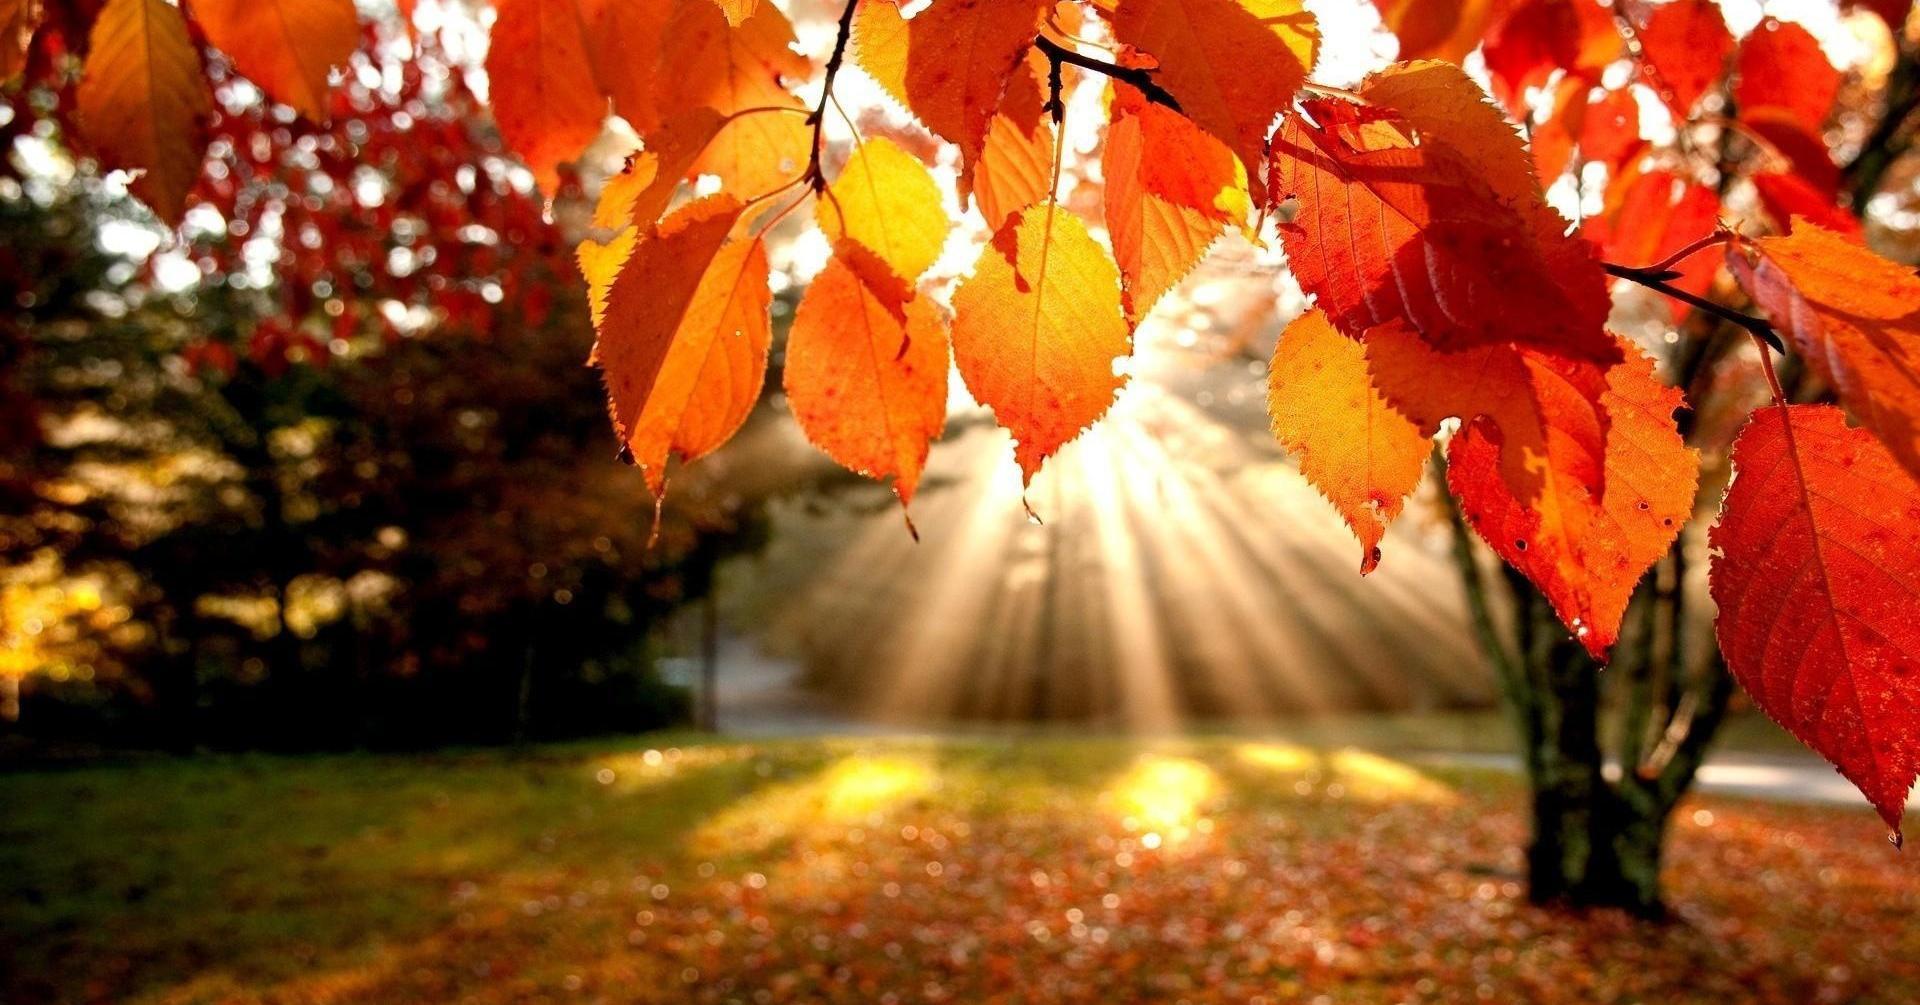 5d6609f4fe_1414443807_14-Redenen-waarom-we-blij-zijn-dat-het-weer-herfst-is__shre